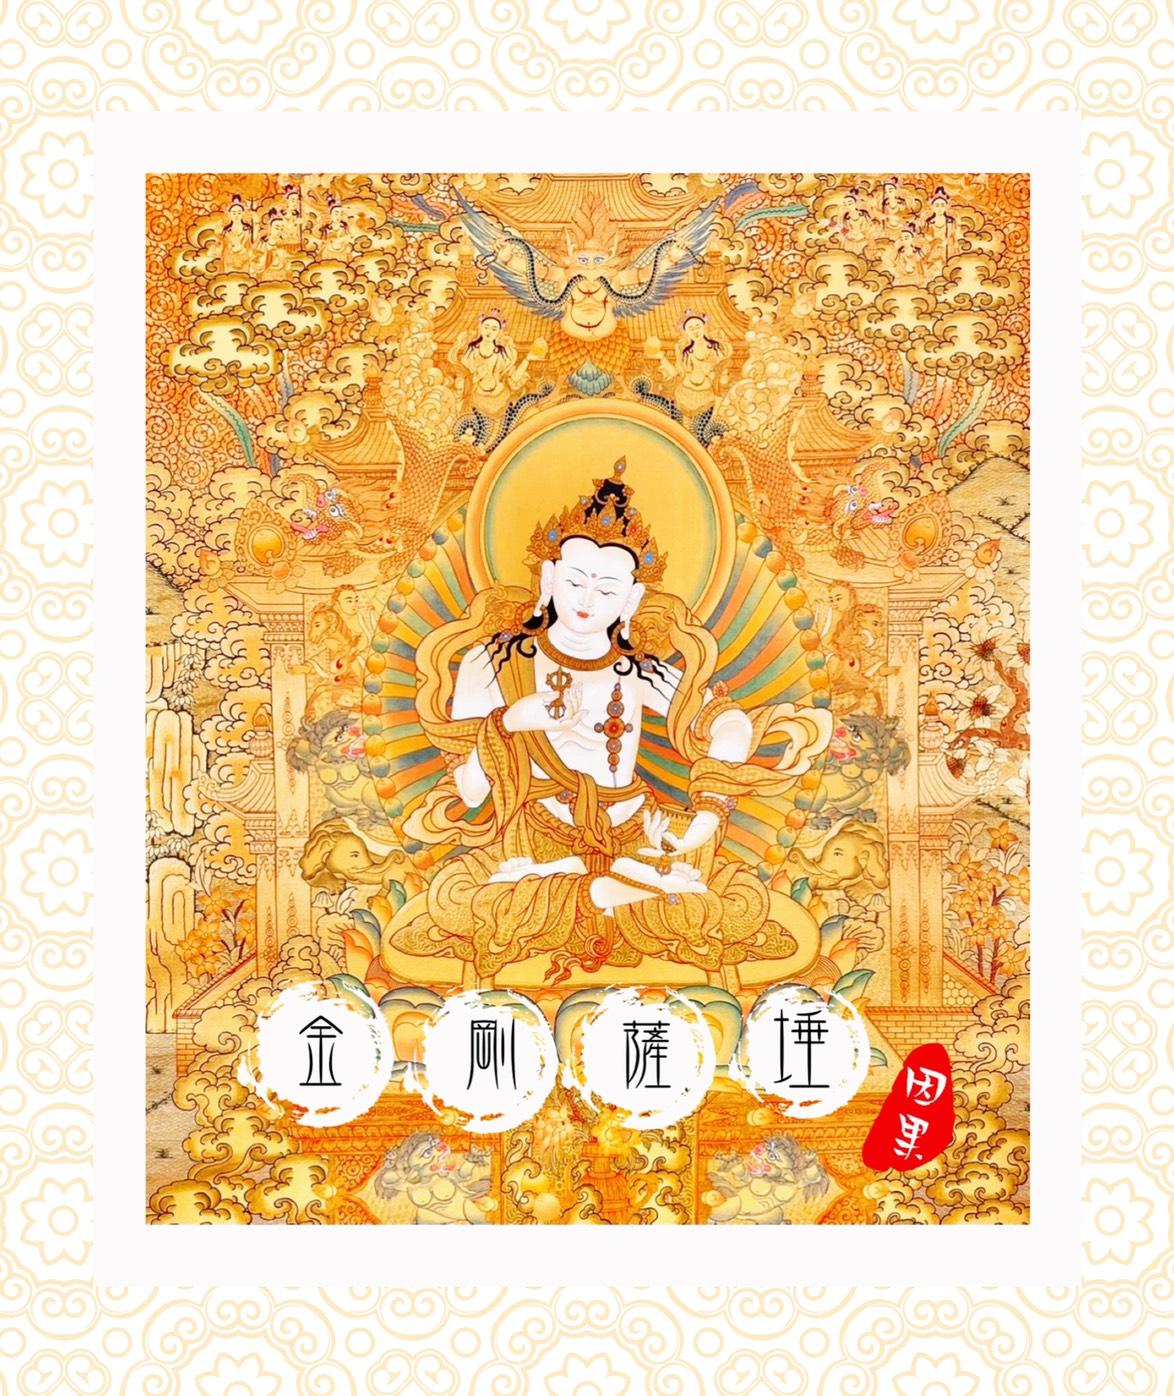 第六期-普賢菩薩、金剛薩埵、金剛手菩薩(二)